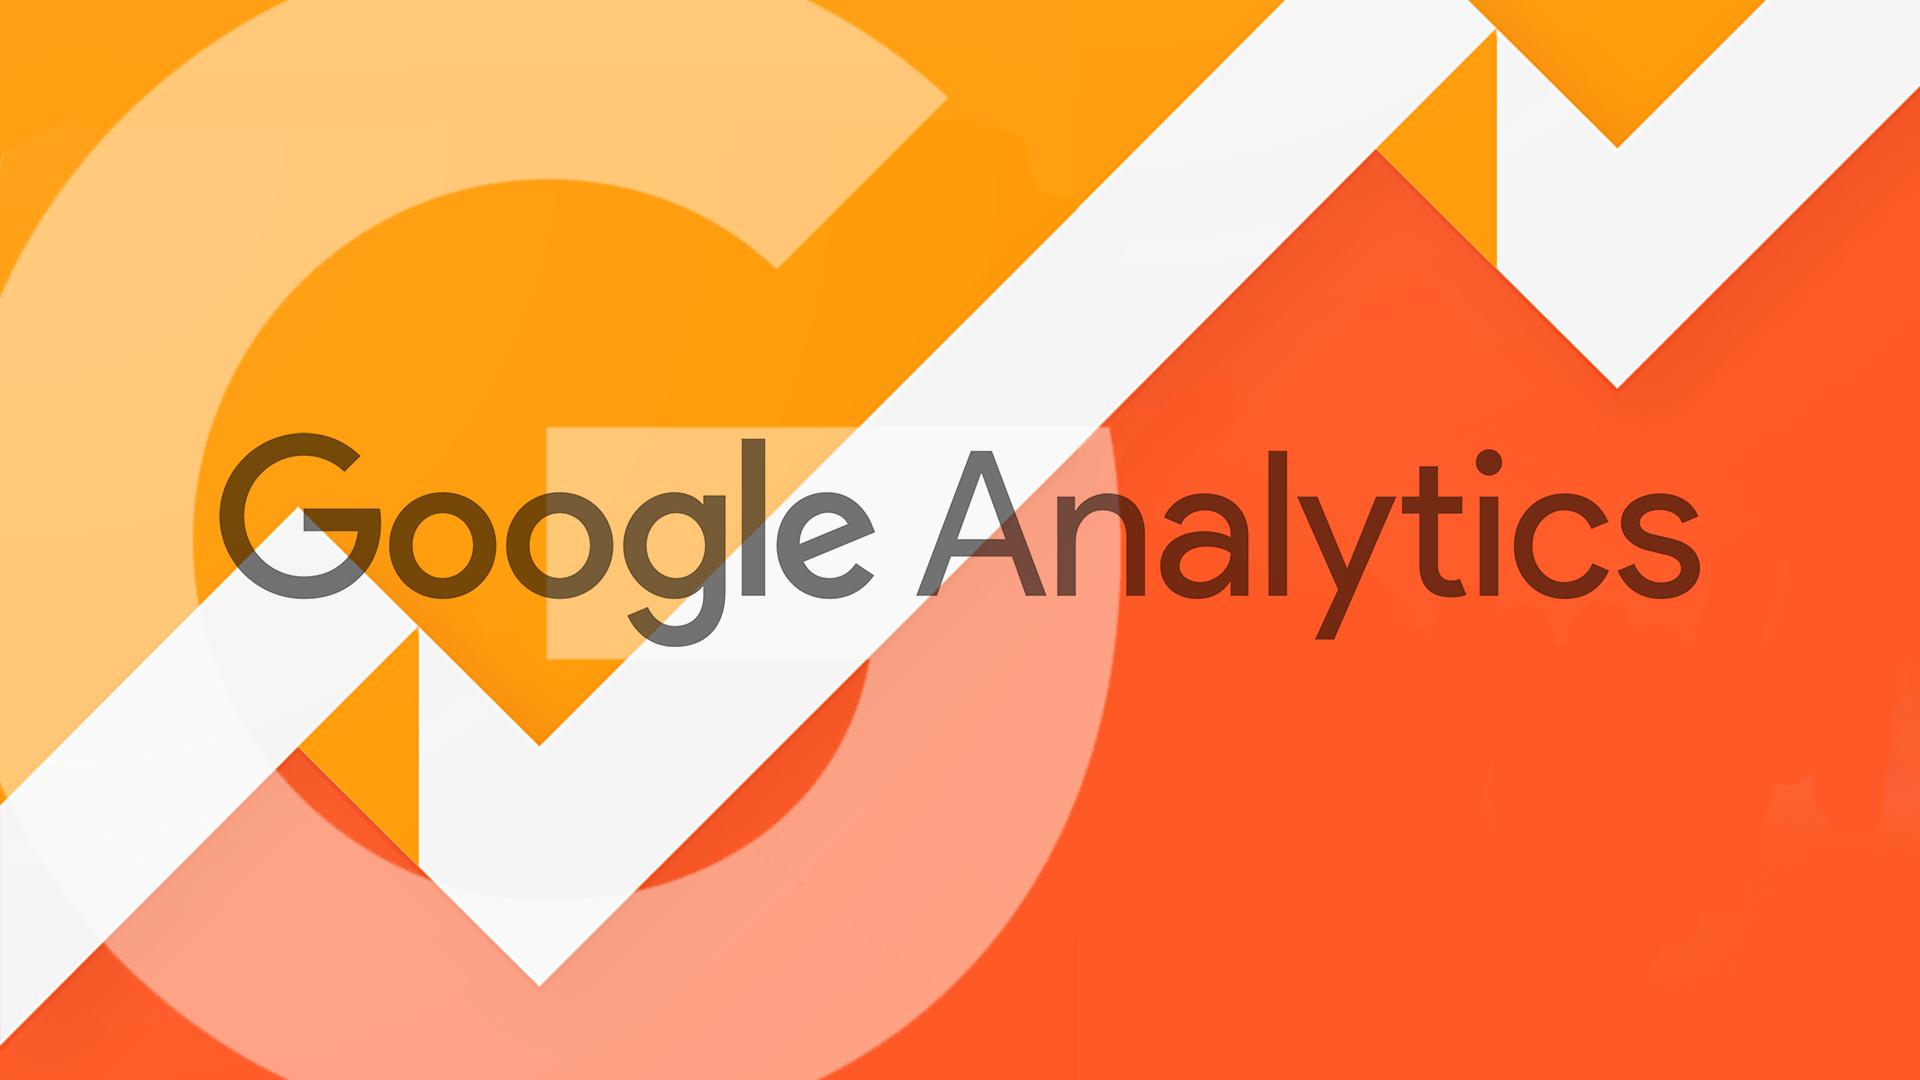 google-analytics-graphic